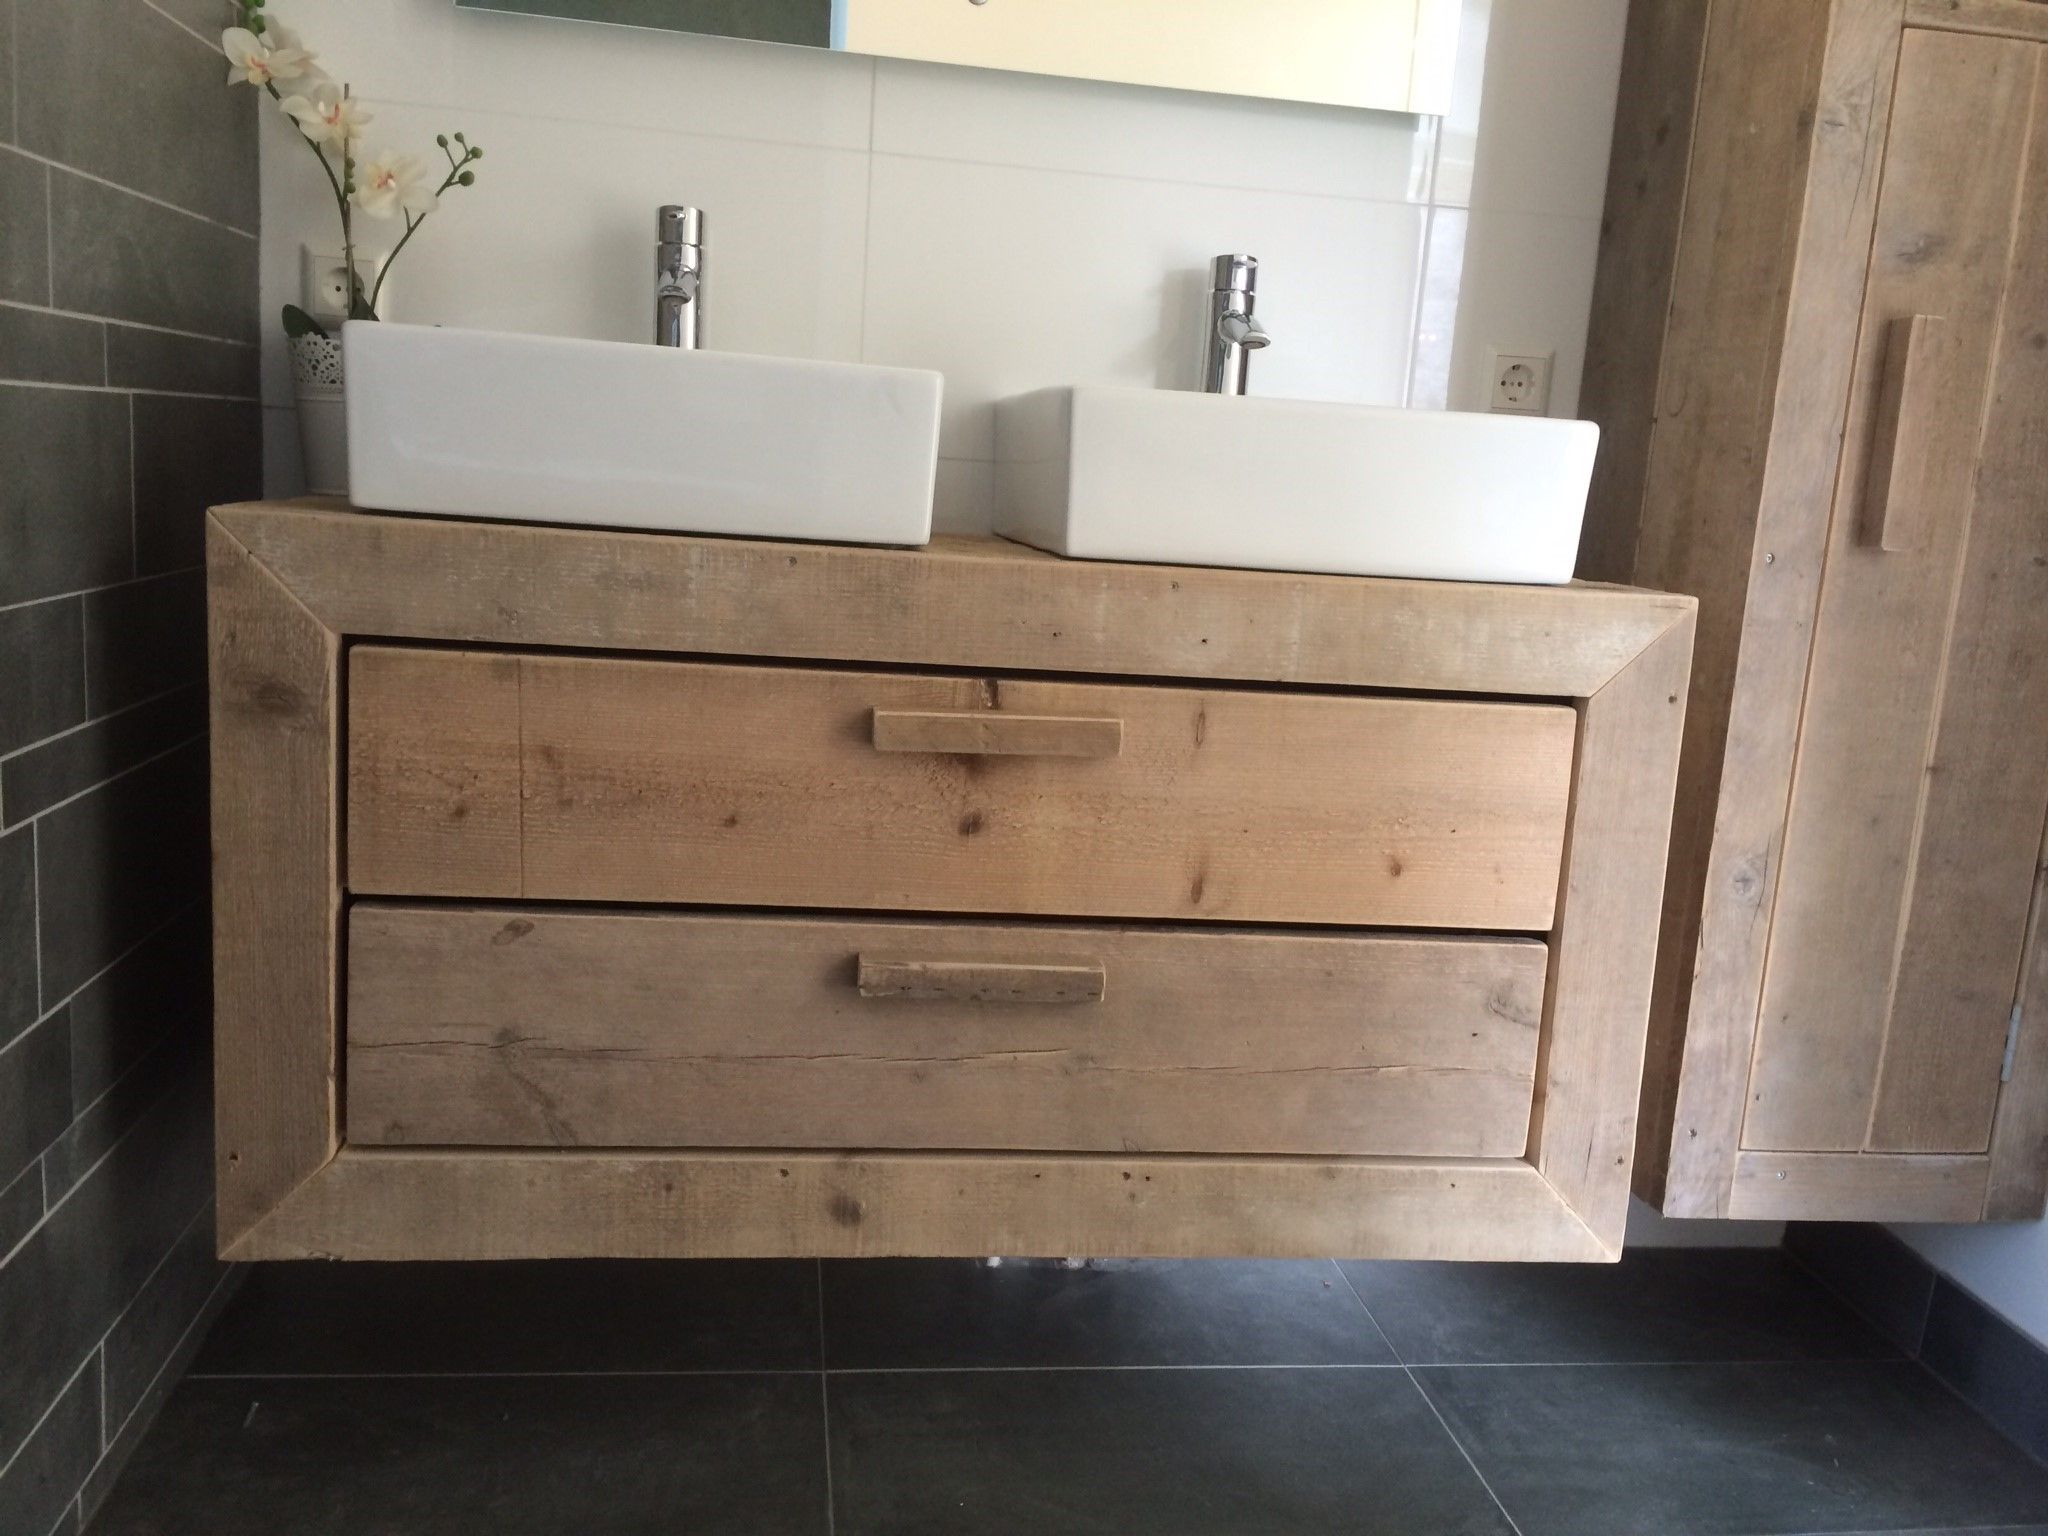 badkamermeubel ombouwen met steigerhout  Google zoeken  Huisideeën  Pinter # Wasbak Diep_205925